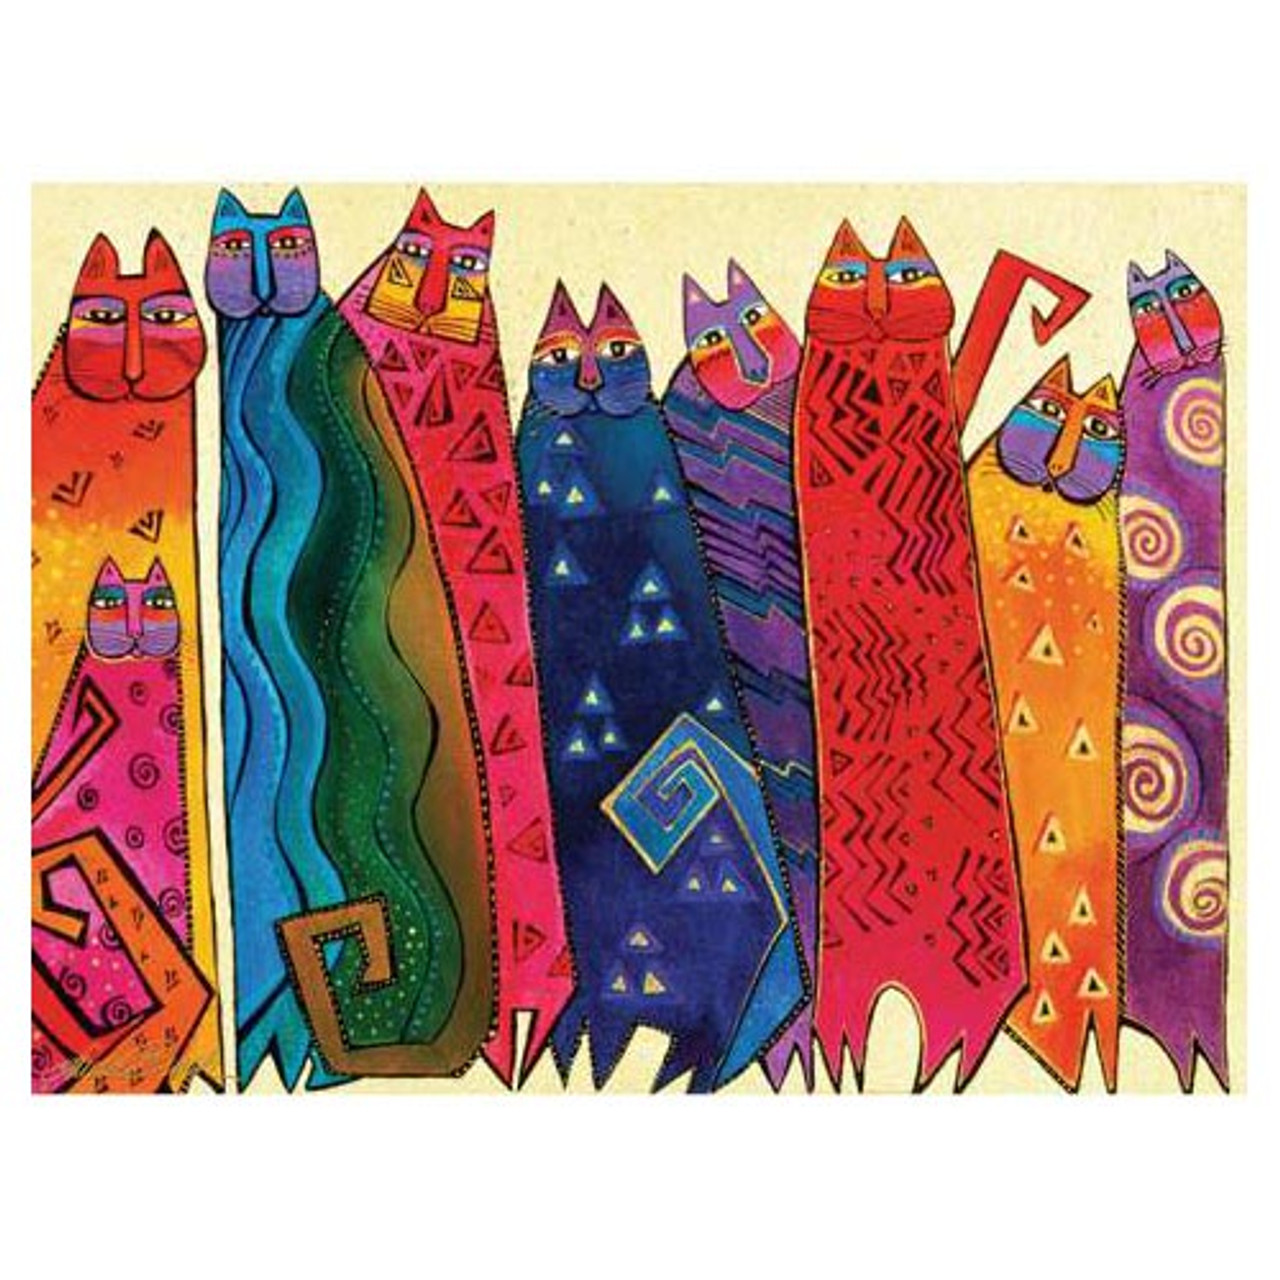 Canvas Santa Fe >> Laurel Burch Canvas Santa Fe Felines Cats 12x16 Wall Art Lb26002